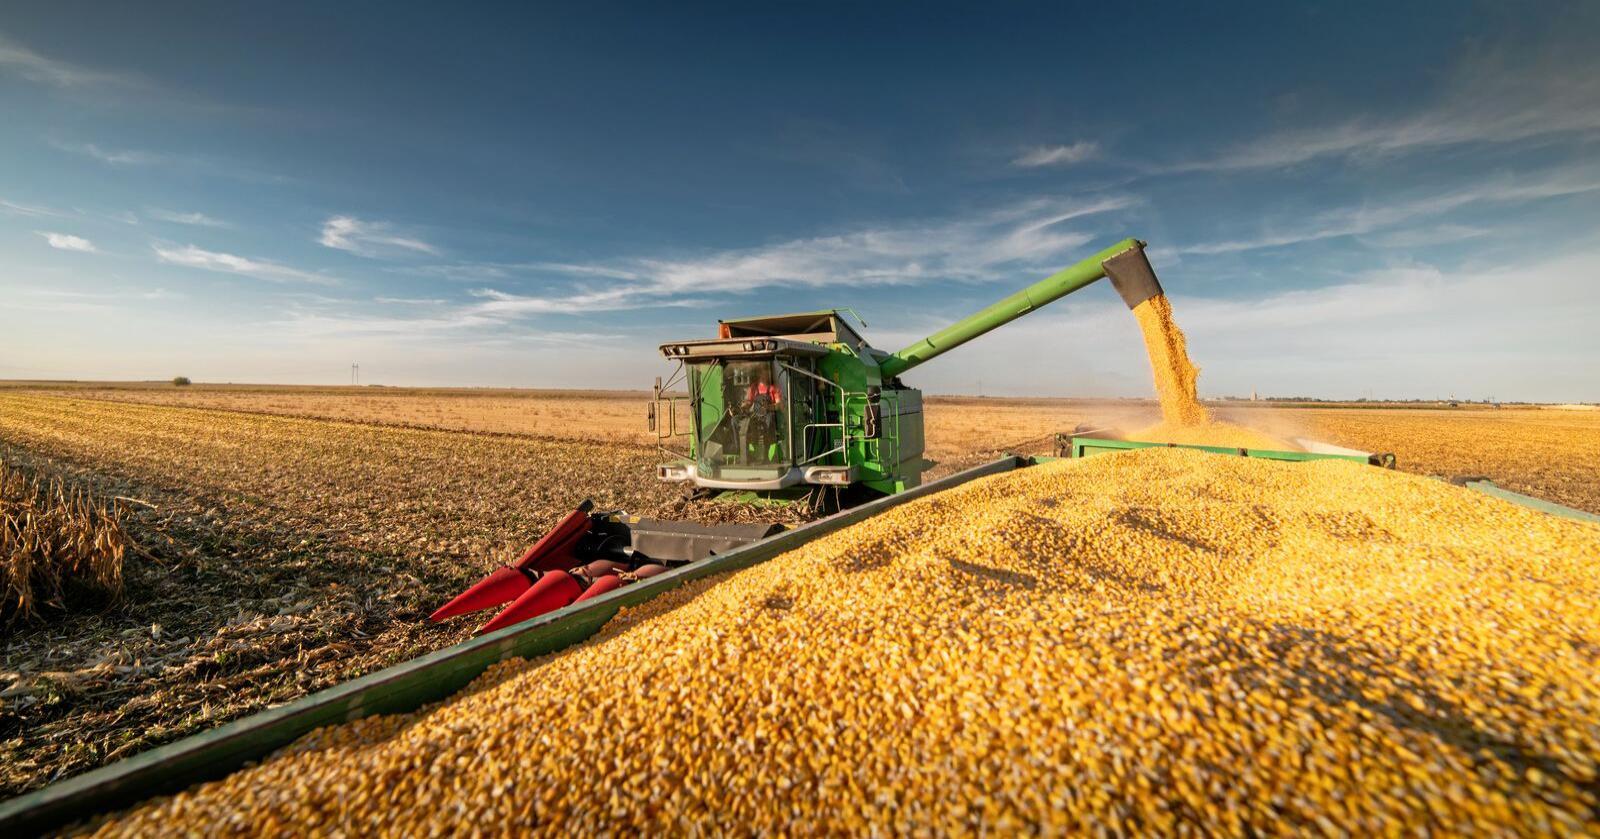 Når rike Norge kjøper korn på verdensmarkedet i en krisesituasjon, blir det mindre og dyrere korn igjen til fattigere land, skriver Une Aina Bastholm. Foto: Mostphotos